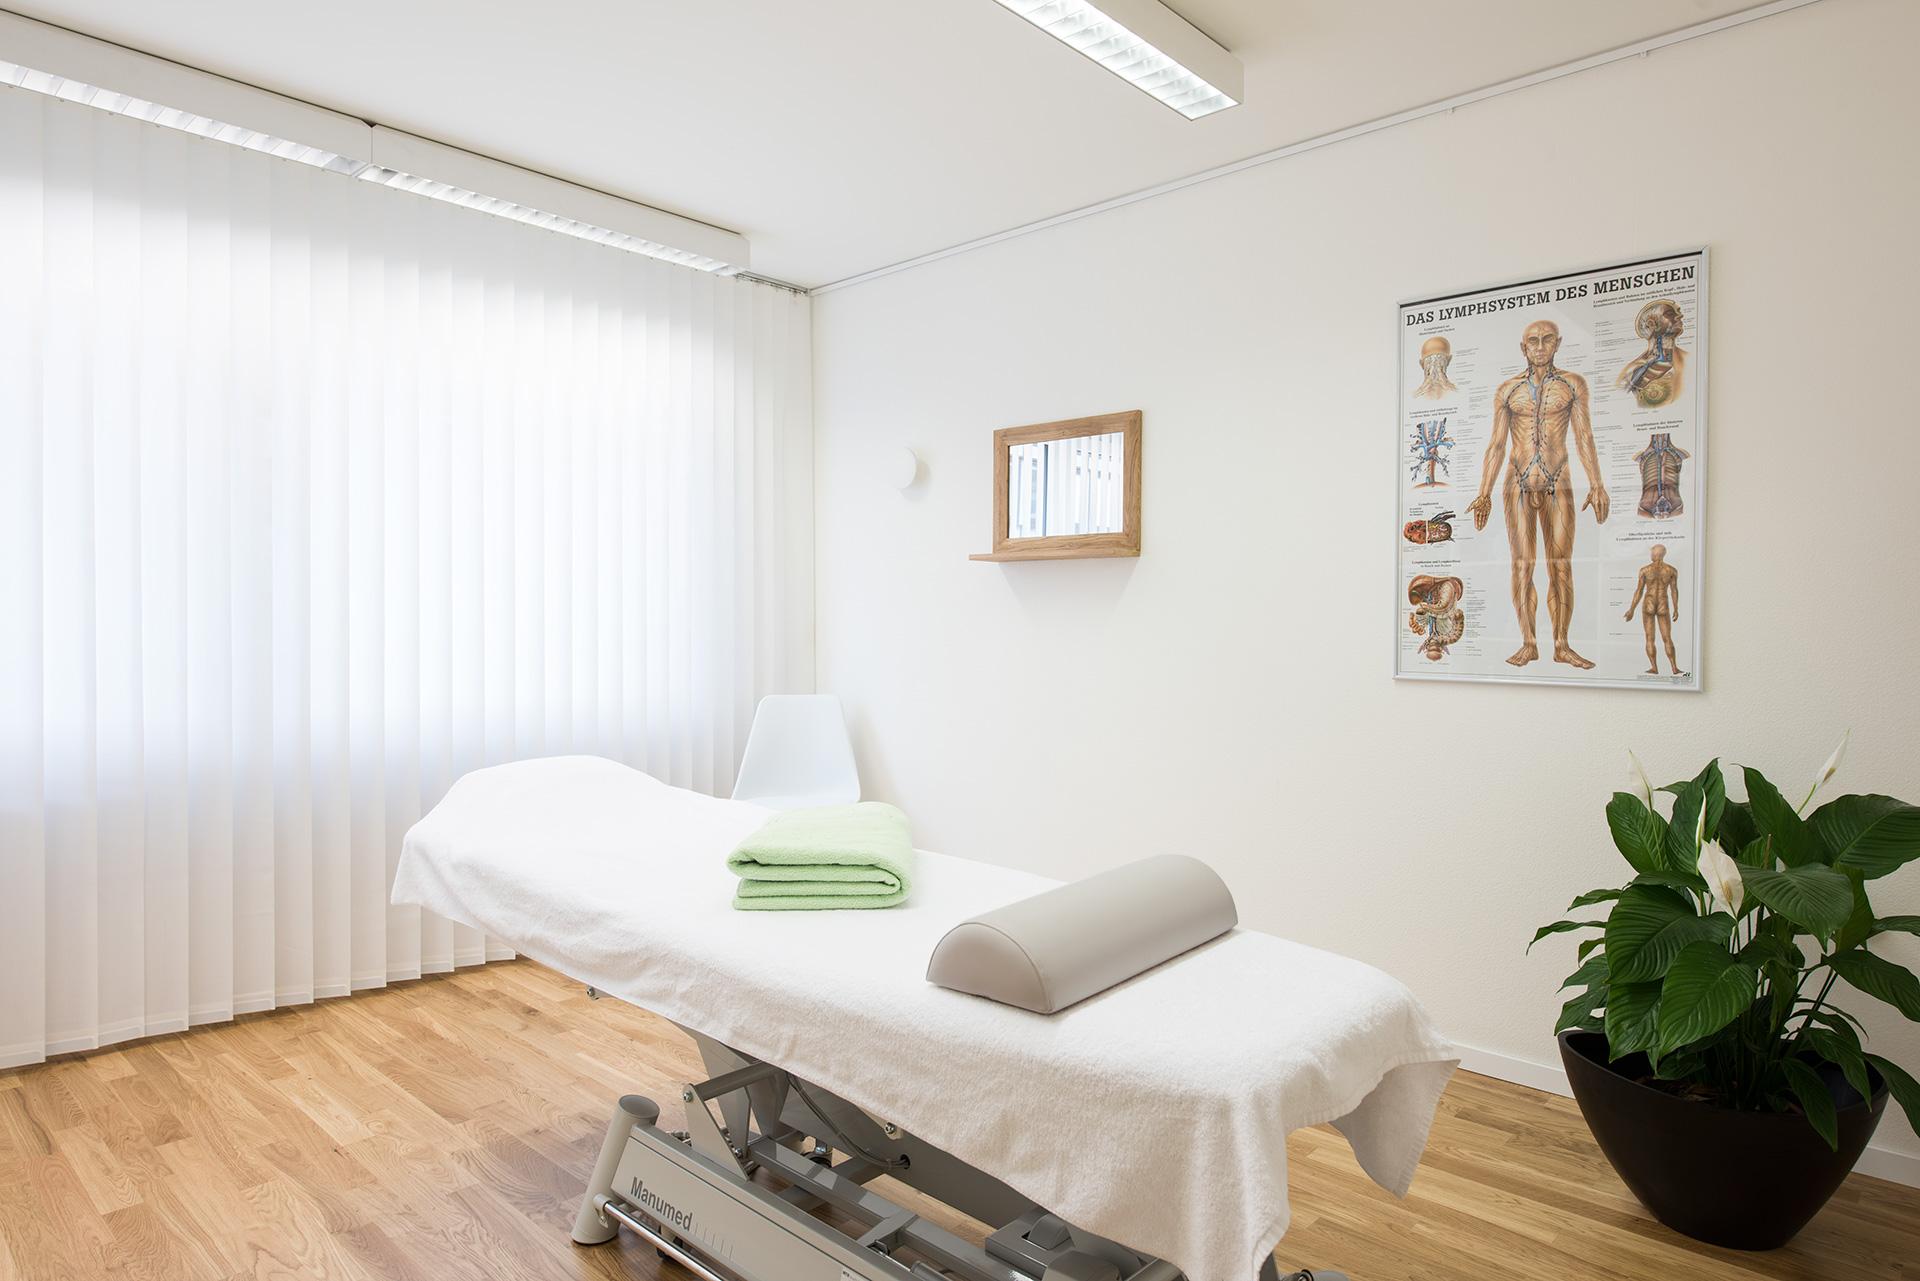 celine-geiser-massagepraxis-therapieraum-1.jpg